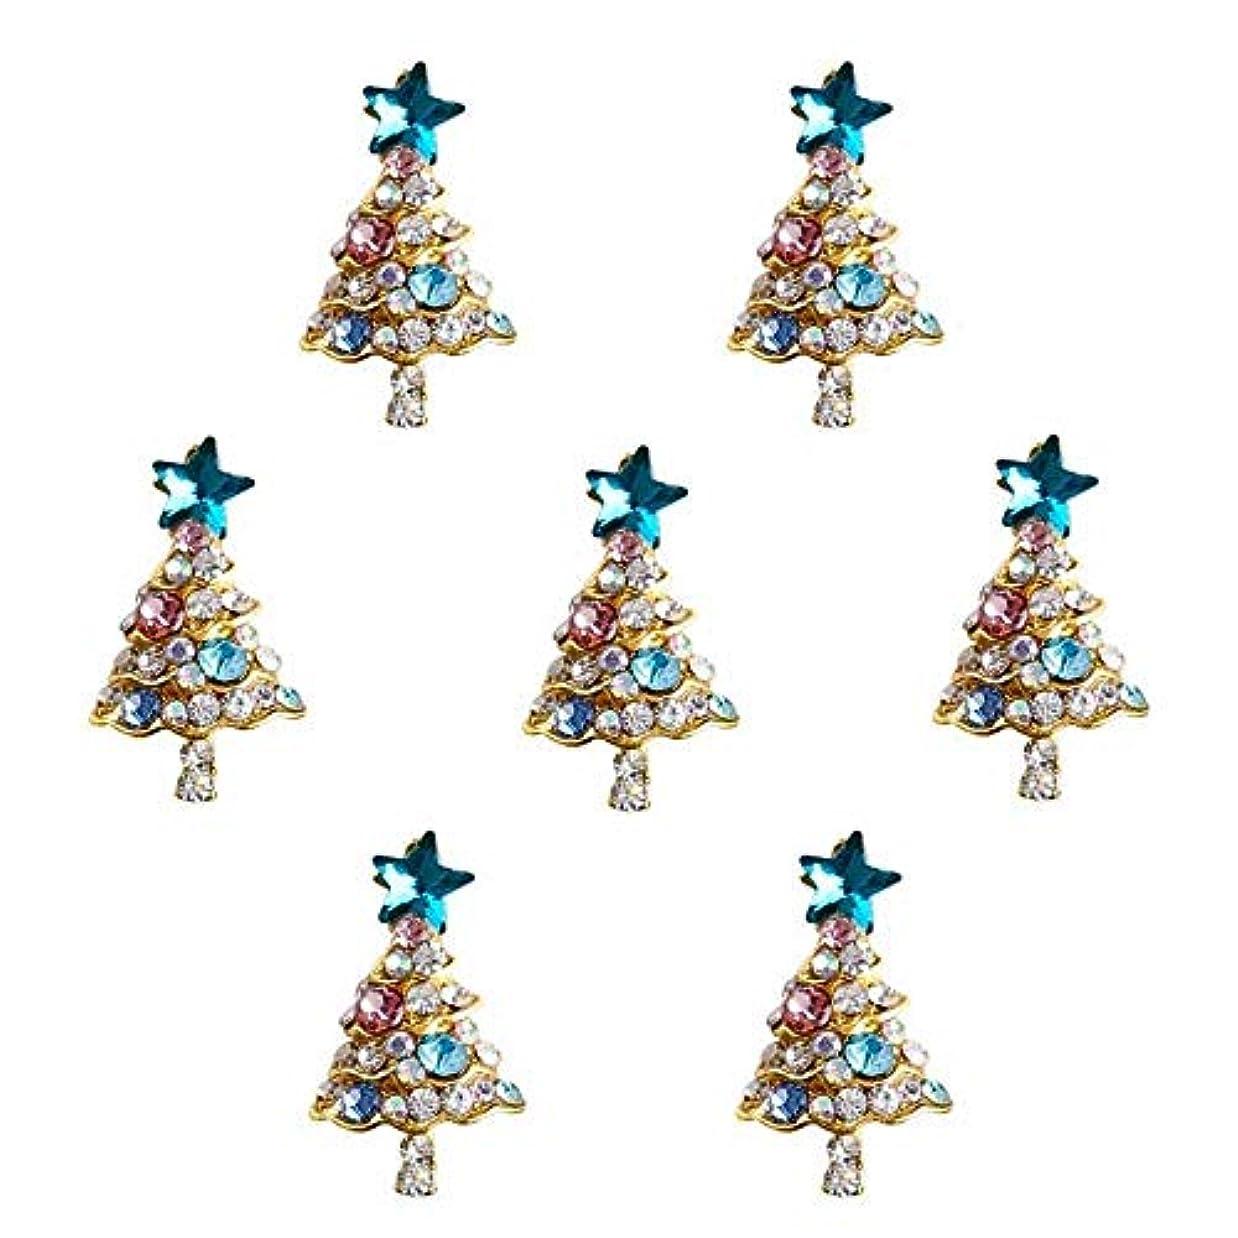 目に見えるモンキーひいきにする10個入り/ロット3Dラインストーンの装飾ブルーグリッタースタークリスマスツリーのデザイン接着剤ネイルアートDIYスタッドは、合金用品